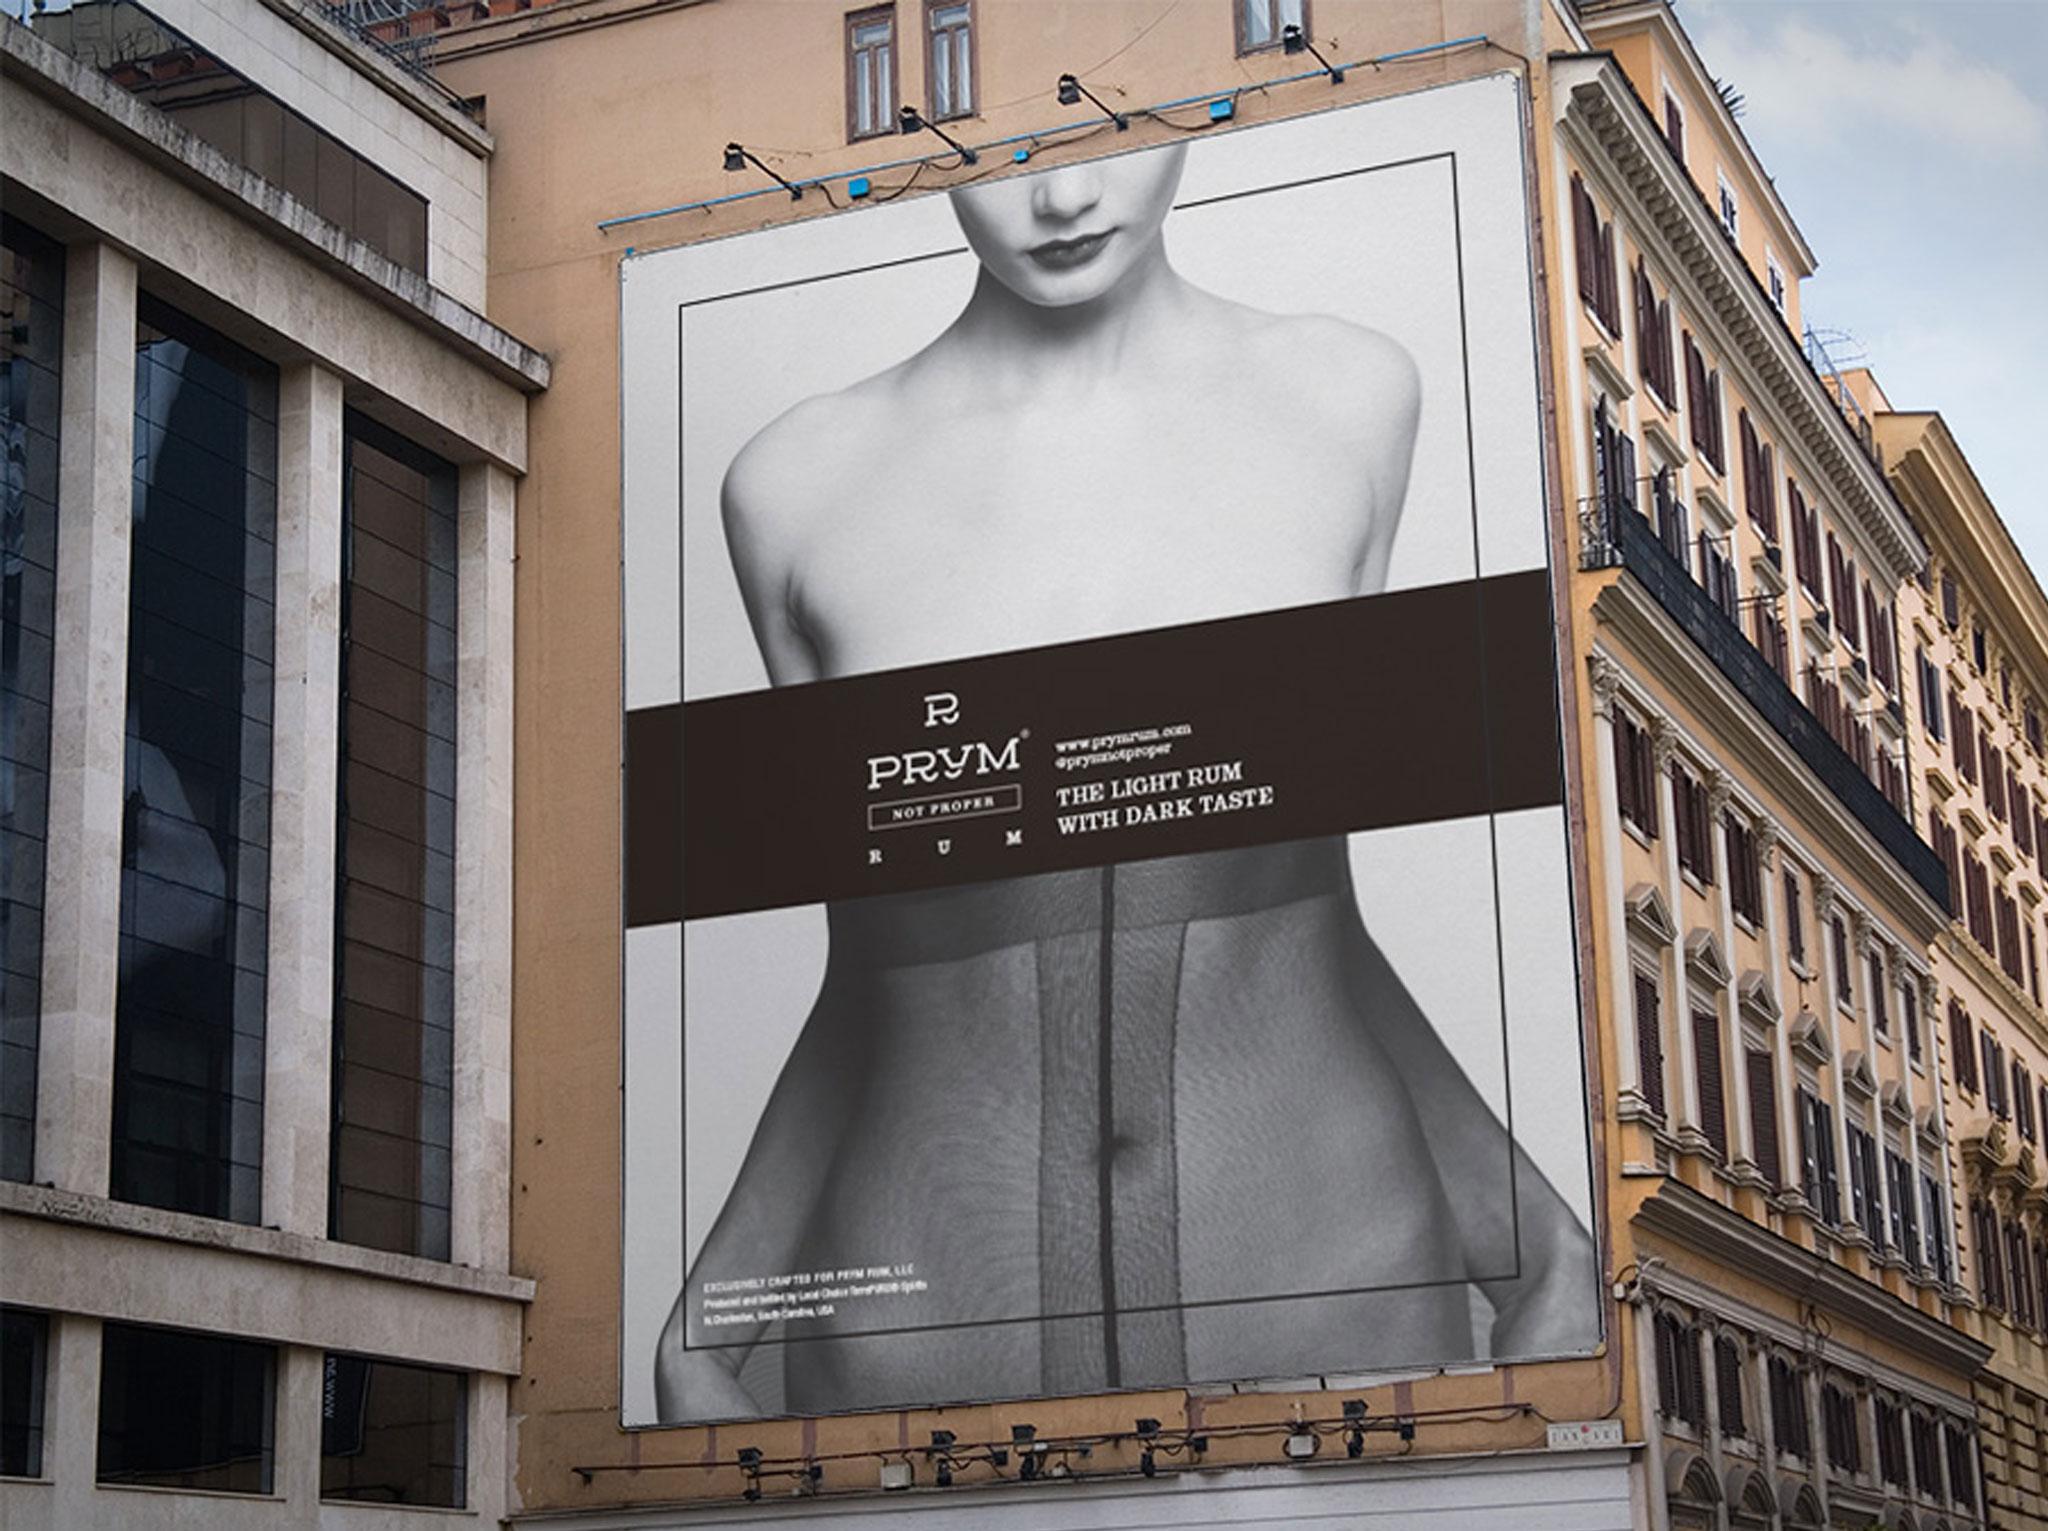 Prym Rum billboard